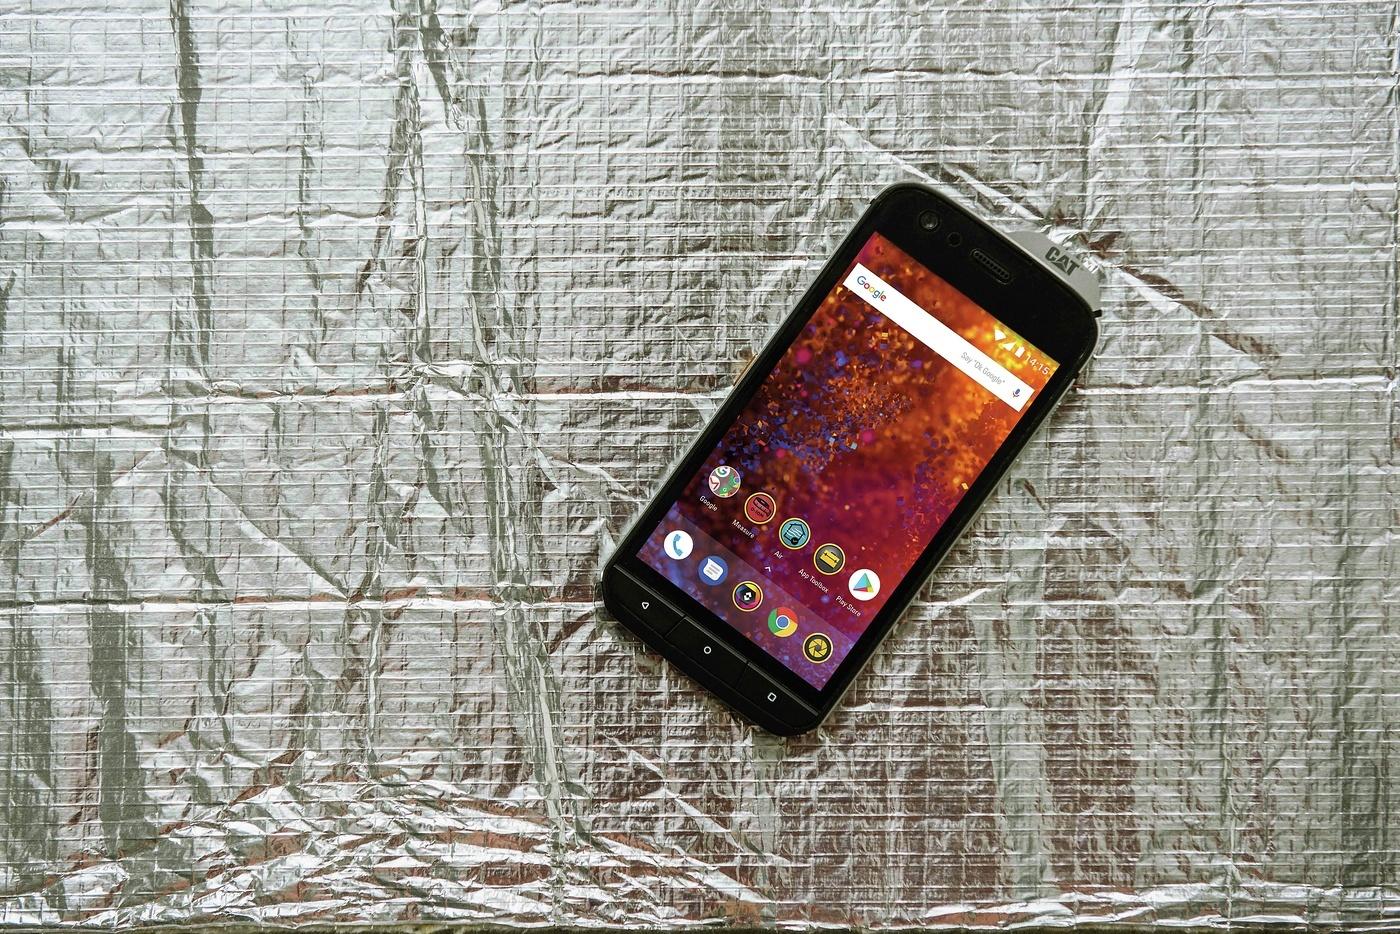 Cat S61 smartphone | Cat phones